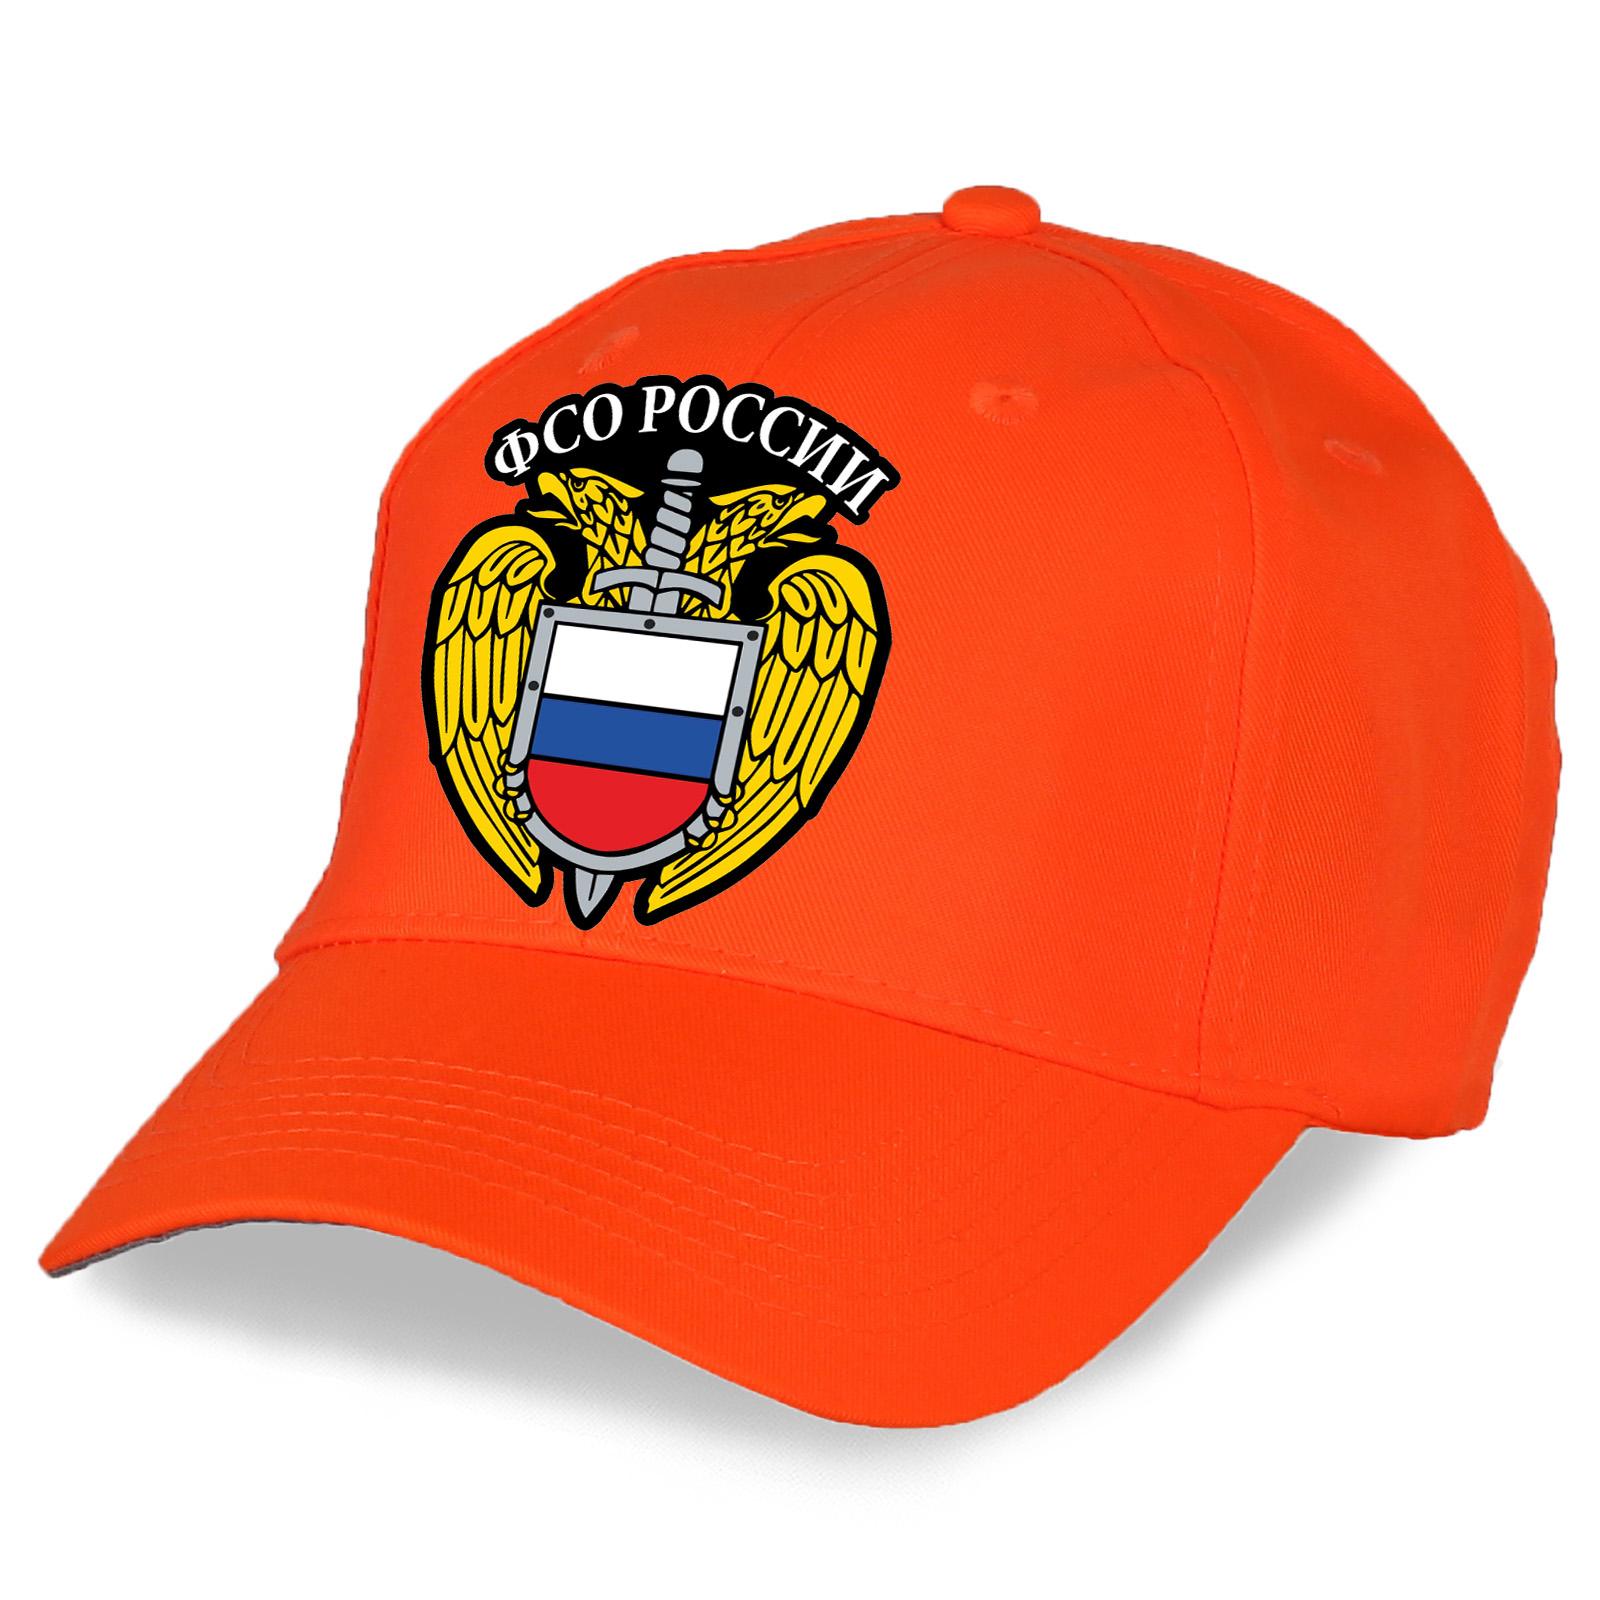 Модная оранжевая бейсболка ФСО – Федеральная Служба Охраны.